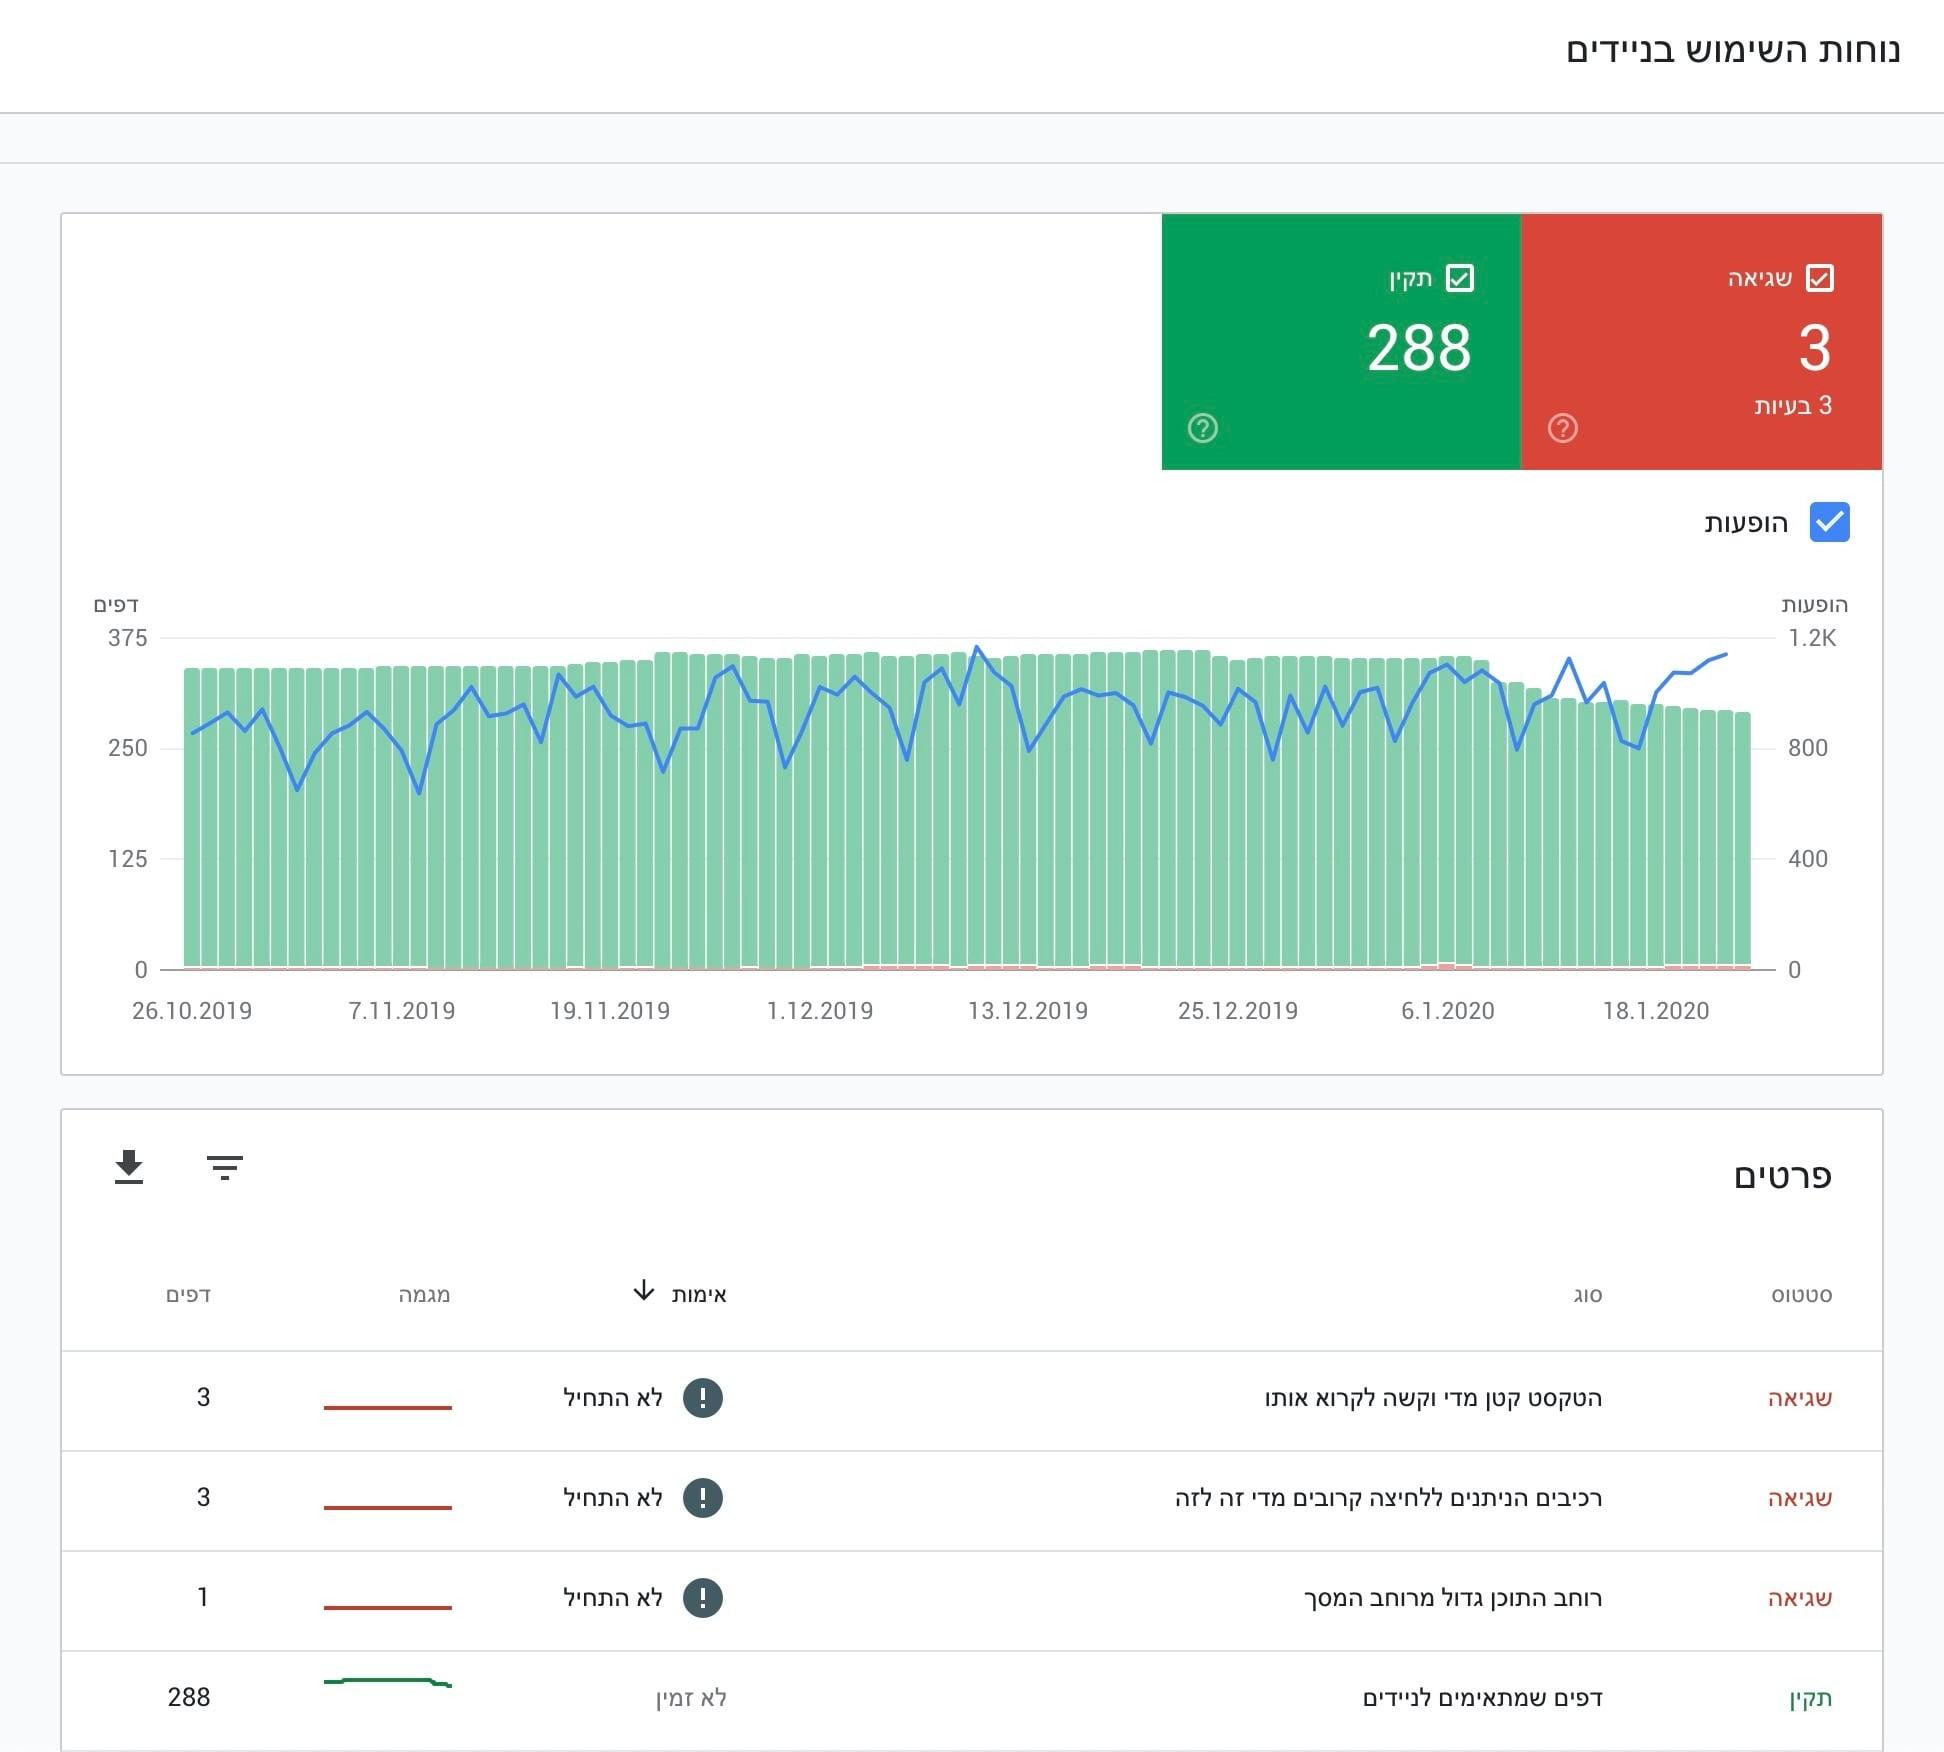 נוחות שימוש בניידים - Google Search Console